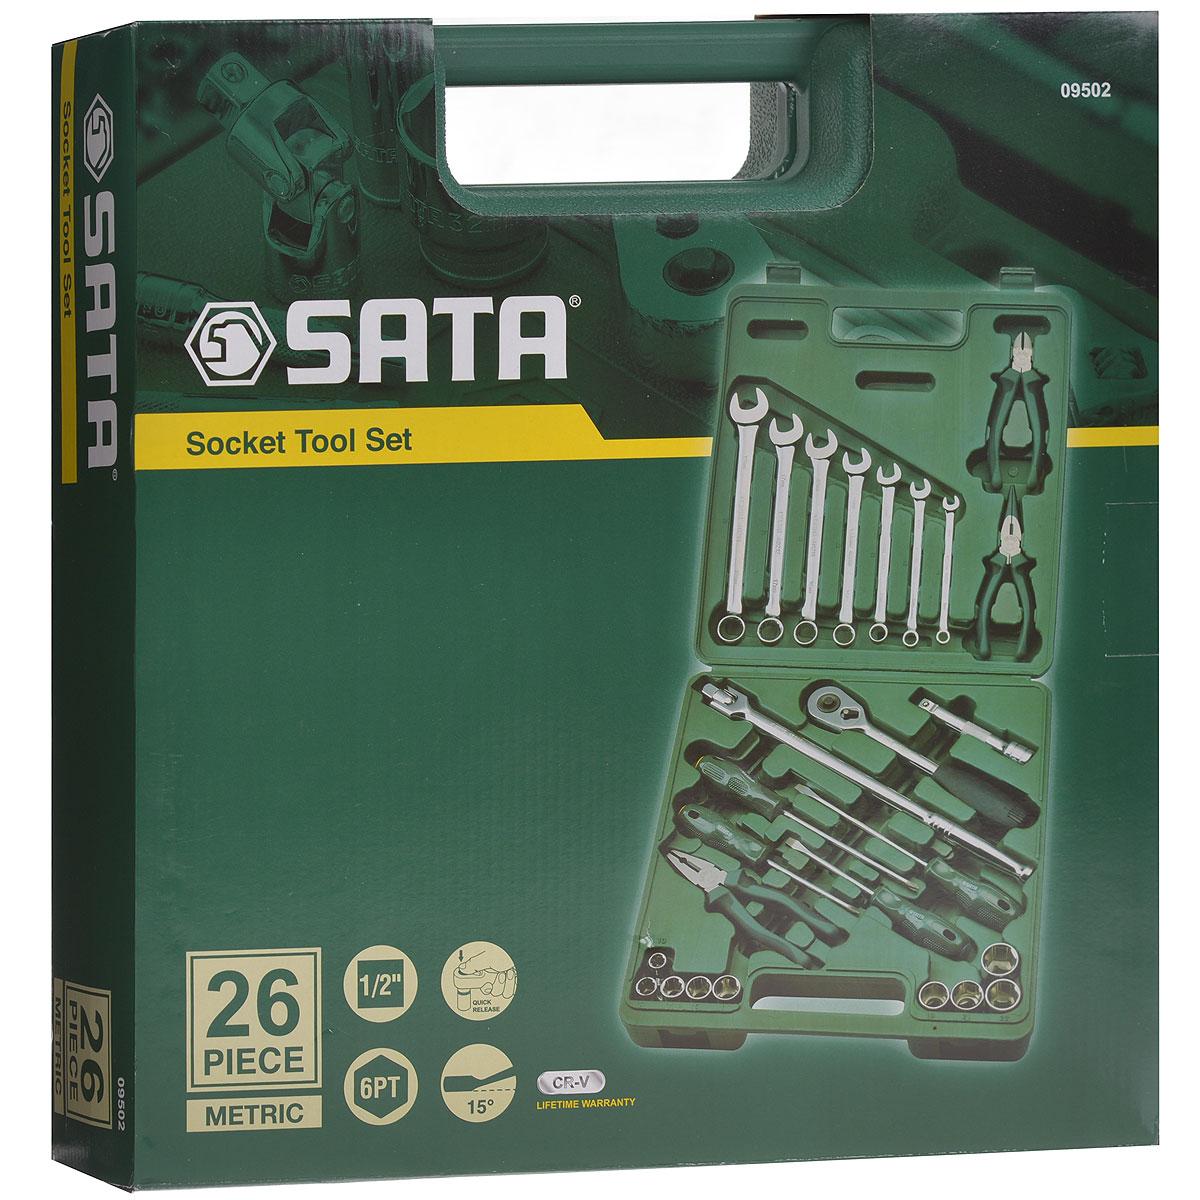 Набор инструментов SATA SATA 26 предметов. 0950209502Набор инструментов Sata - это необходимый предмет в каждом доме. Он включает в себя 26 предметов, которые умещаются в пластиковом кейсе. Такой набор будет идеальным подарком мужчине. Состав набора: Головки торцовые шестигранные 1/2: 10 мм, 12 мм, 14 мм, 16 мм, 17 мм, 19 мм, 21 мм, 22 мм, 24 мм. Ключи комбинированные: 8 мм, 10 мм, 12 мм, 14 мм, 16 мм, 17 мм, 19 мм. Ключ трещоточный 1/2. Удлинитель 1/2: 125 мм. Рычаг угловой 1/2: 260 мм. Отвертки Phillips: РН2 х 100 мм, РH2 х 150 мм. Отвертки шлицевые: 6 мм х 100 мм, 6 мм х 150 мм. Тонкогубцы: 150 мм. Бокорезы: 160 мм. Плоскогубцы: 180 мм.